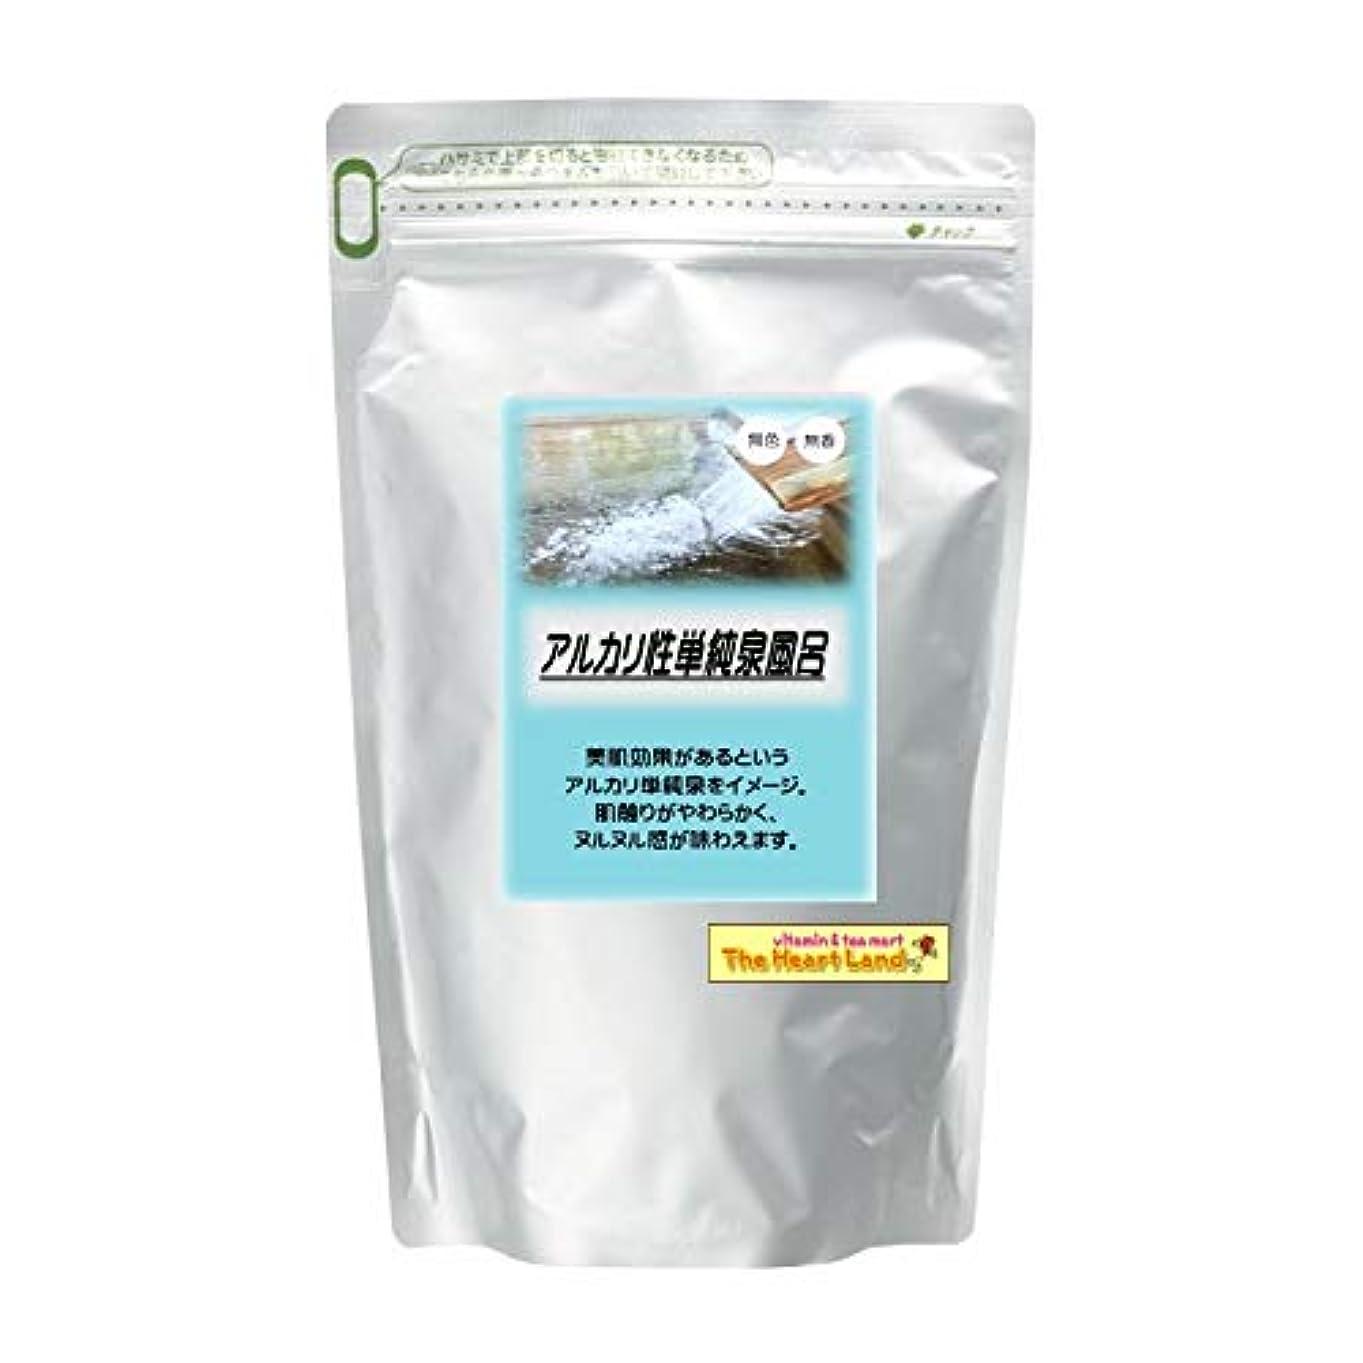 今まで調和のとれたあるアサヒ入浴剤 浴用入浴化粧品 アルカリ性単純泉風呂 2.5kg